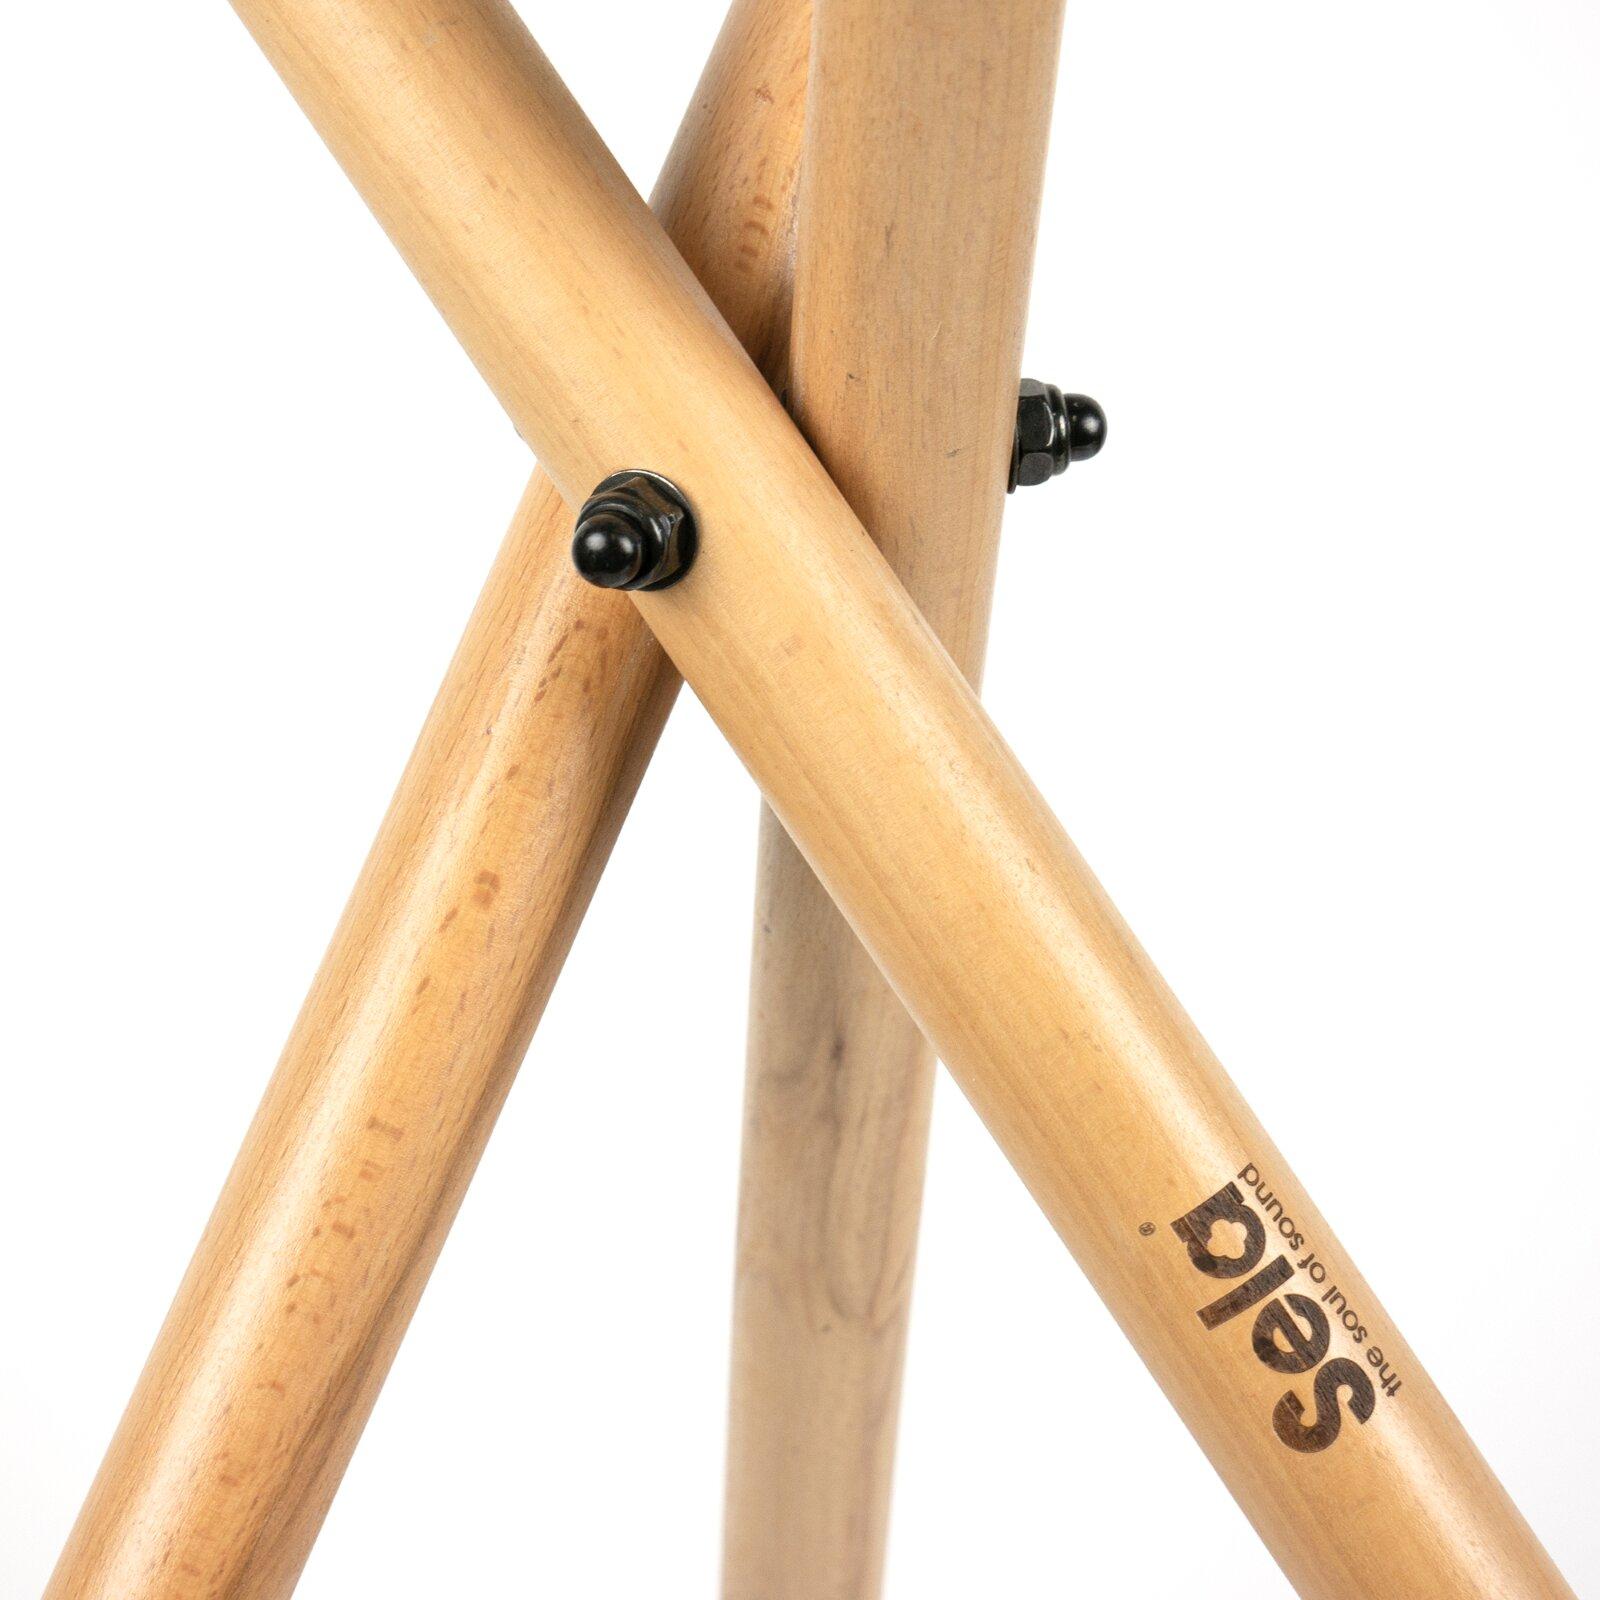 SELA Support de handpan pliable, réglable en hauteur, en bois de hêtre : photo 3